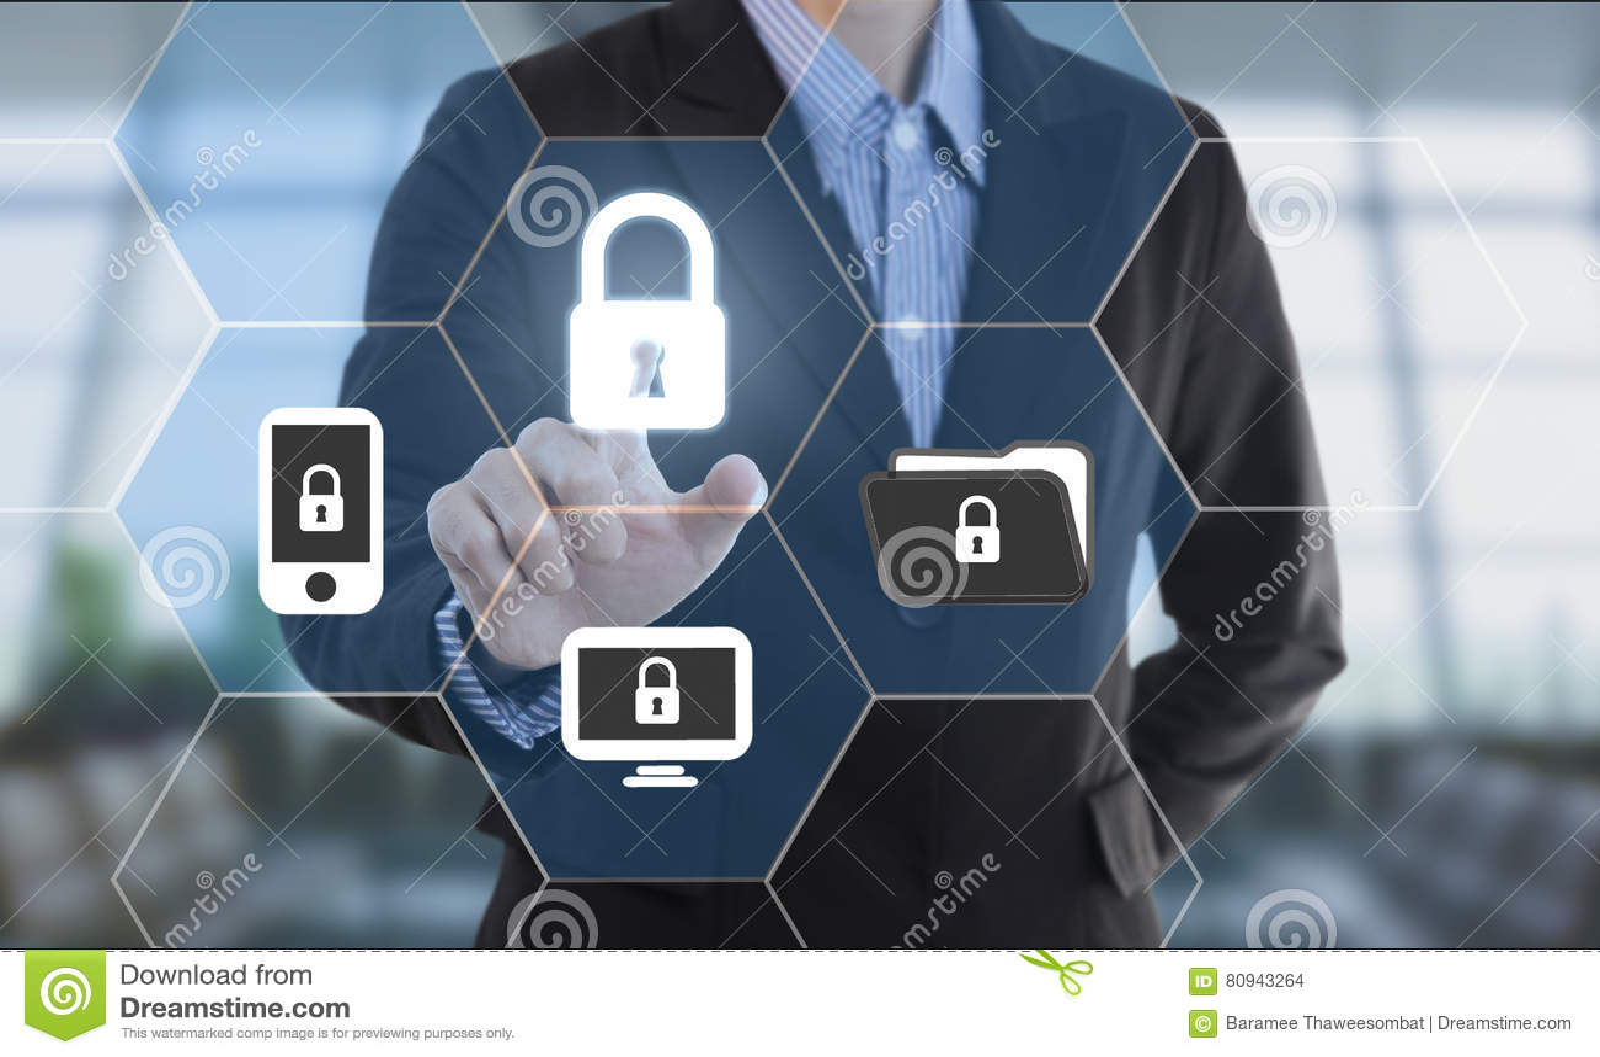 Cerradura de datos de la seguridad del botón del presionado a mano del hombre de negocios